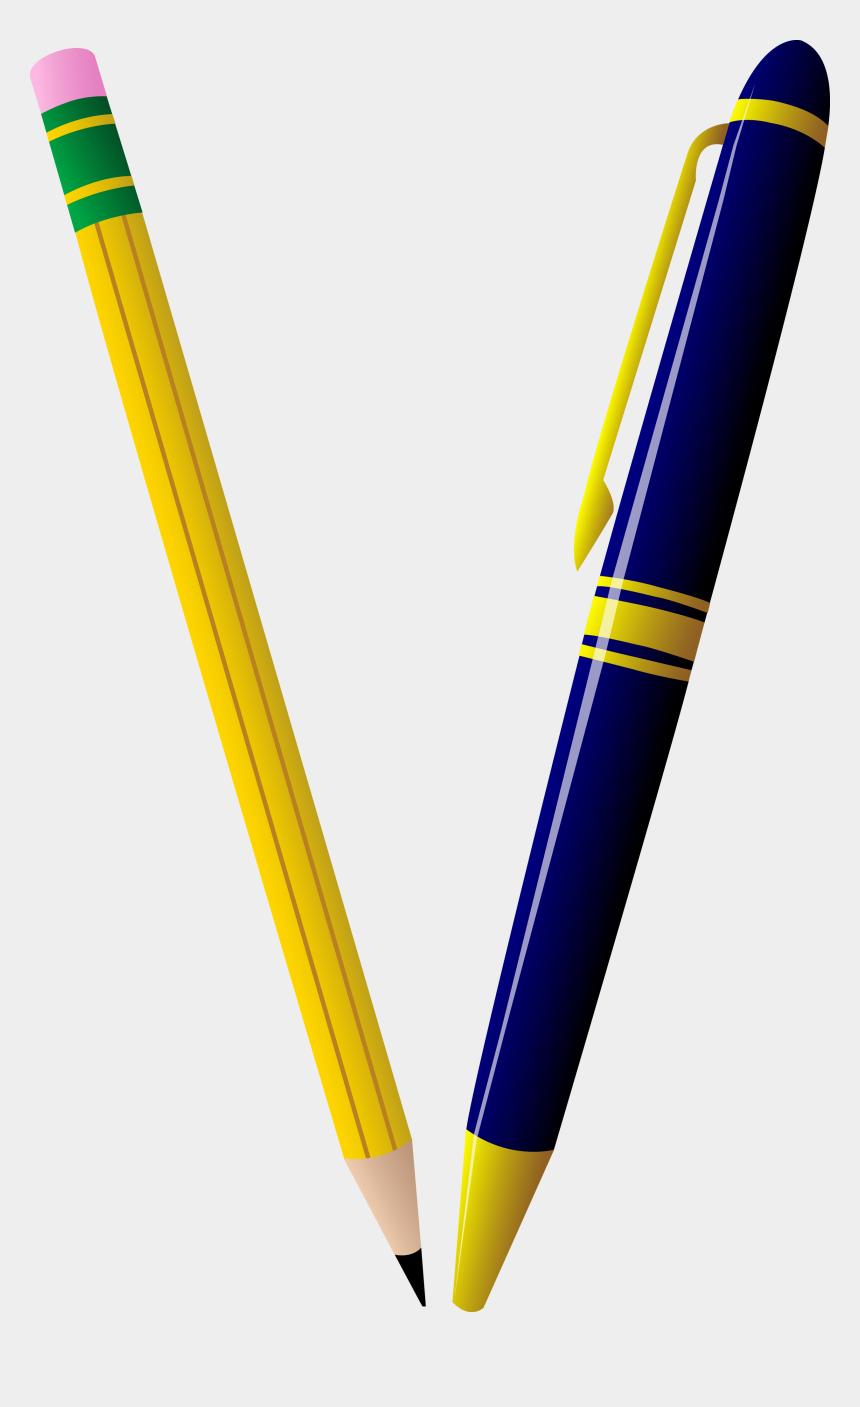 pencil clipart, Cartoons - Pen And Pencils Clipart 3 By Andrea - Pencil And Pen Clip Art